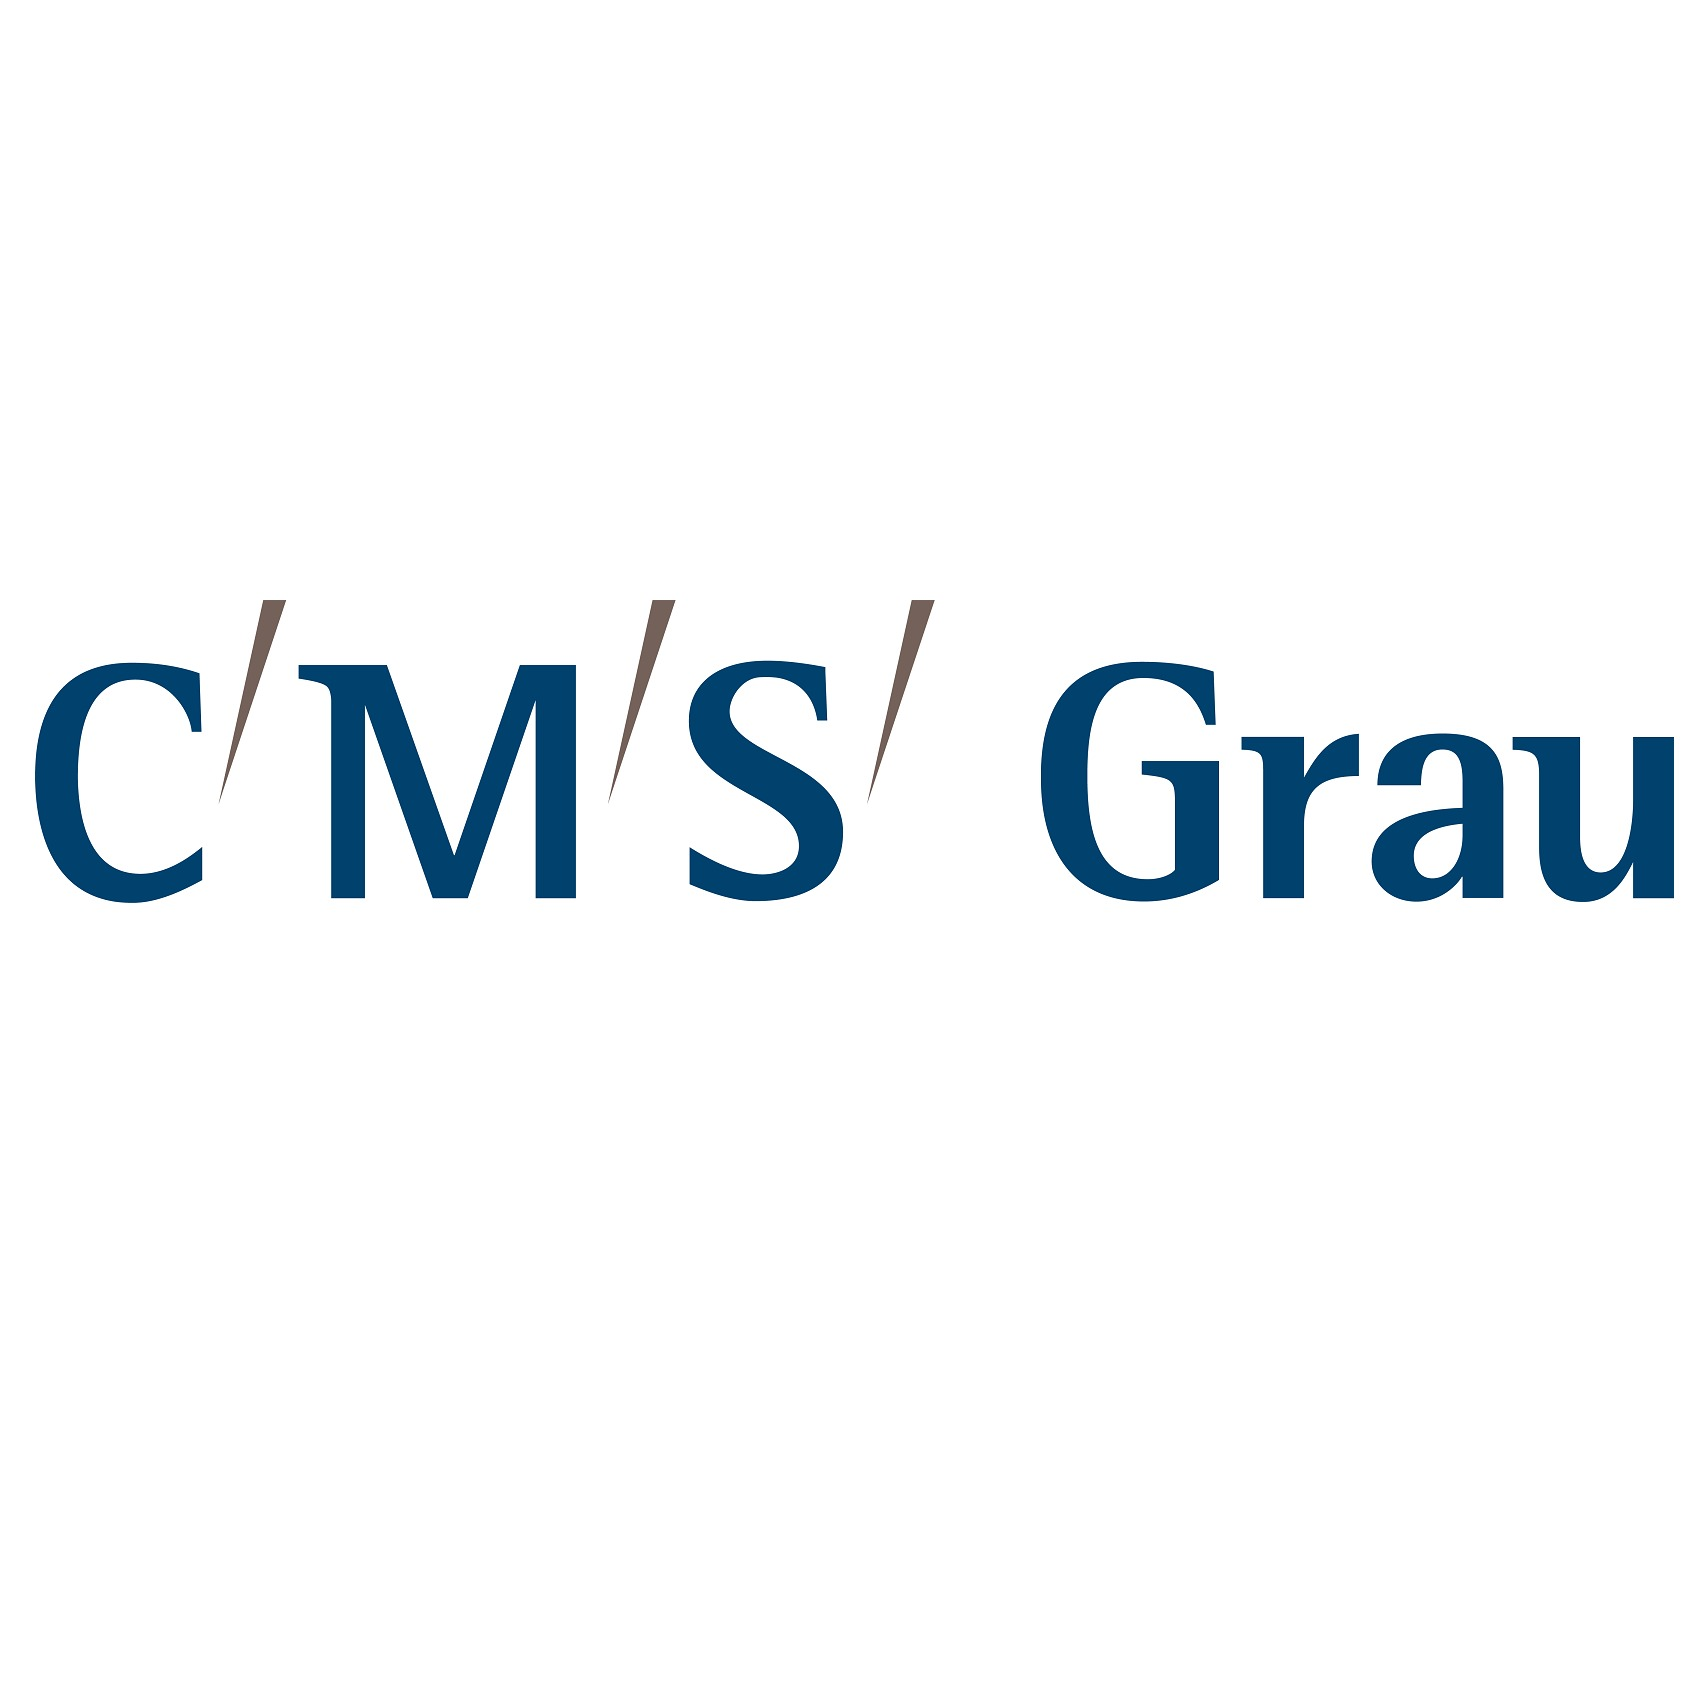 the CMS Grau logo.